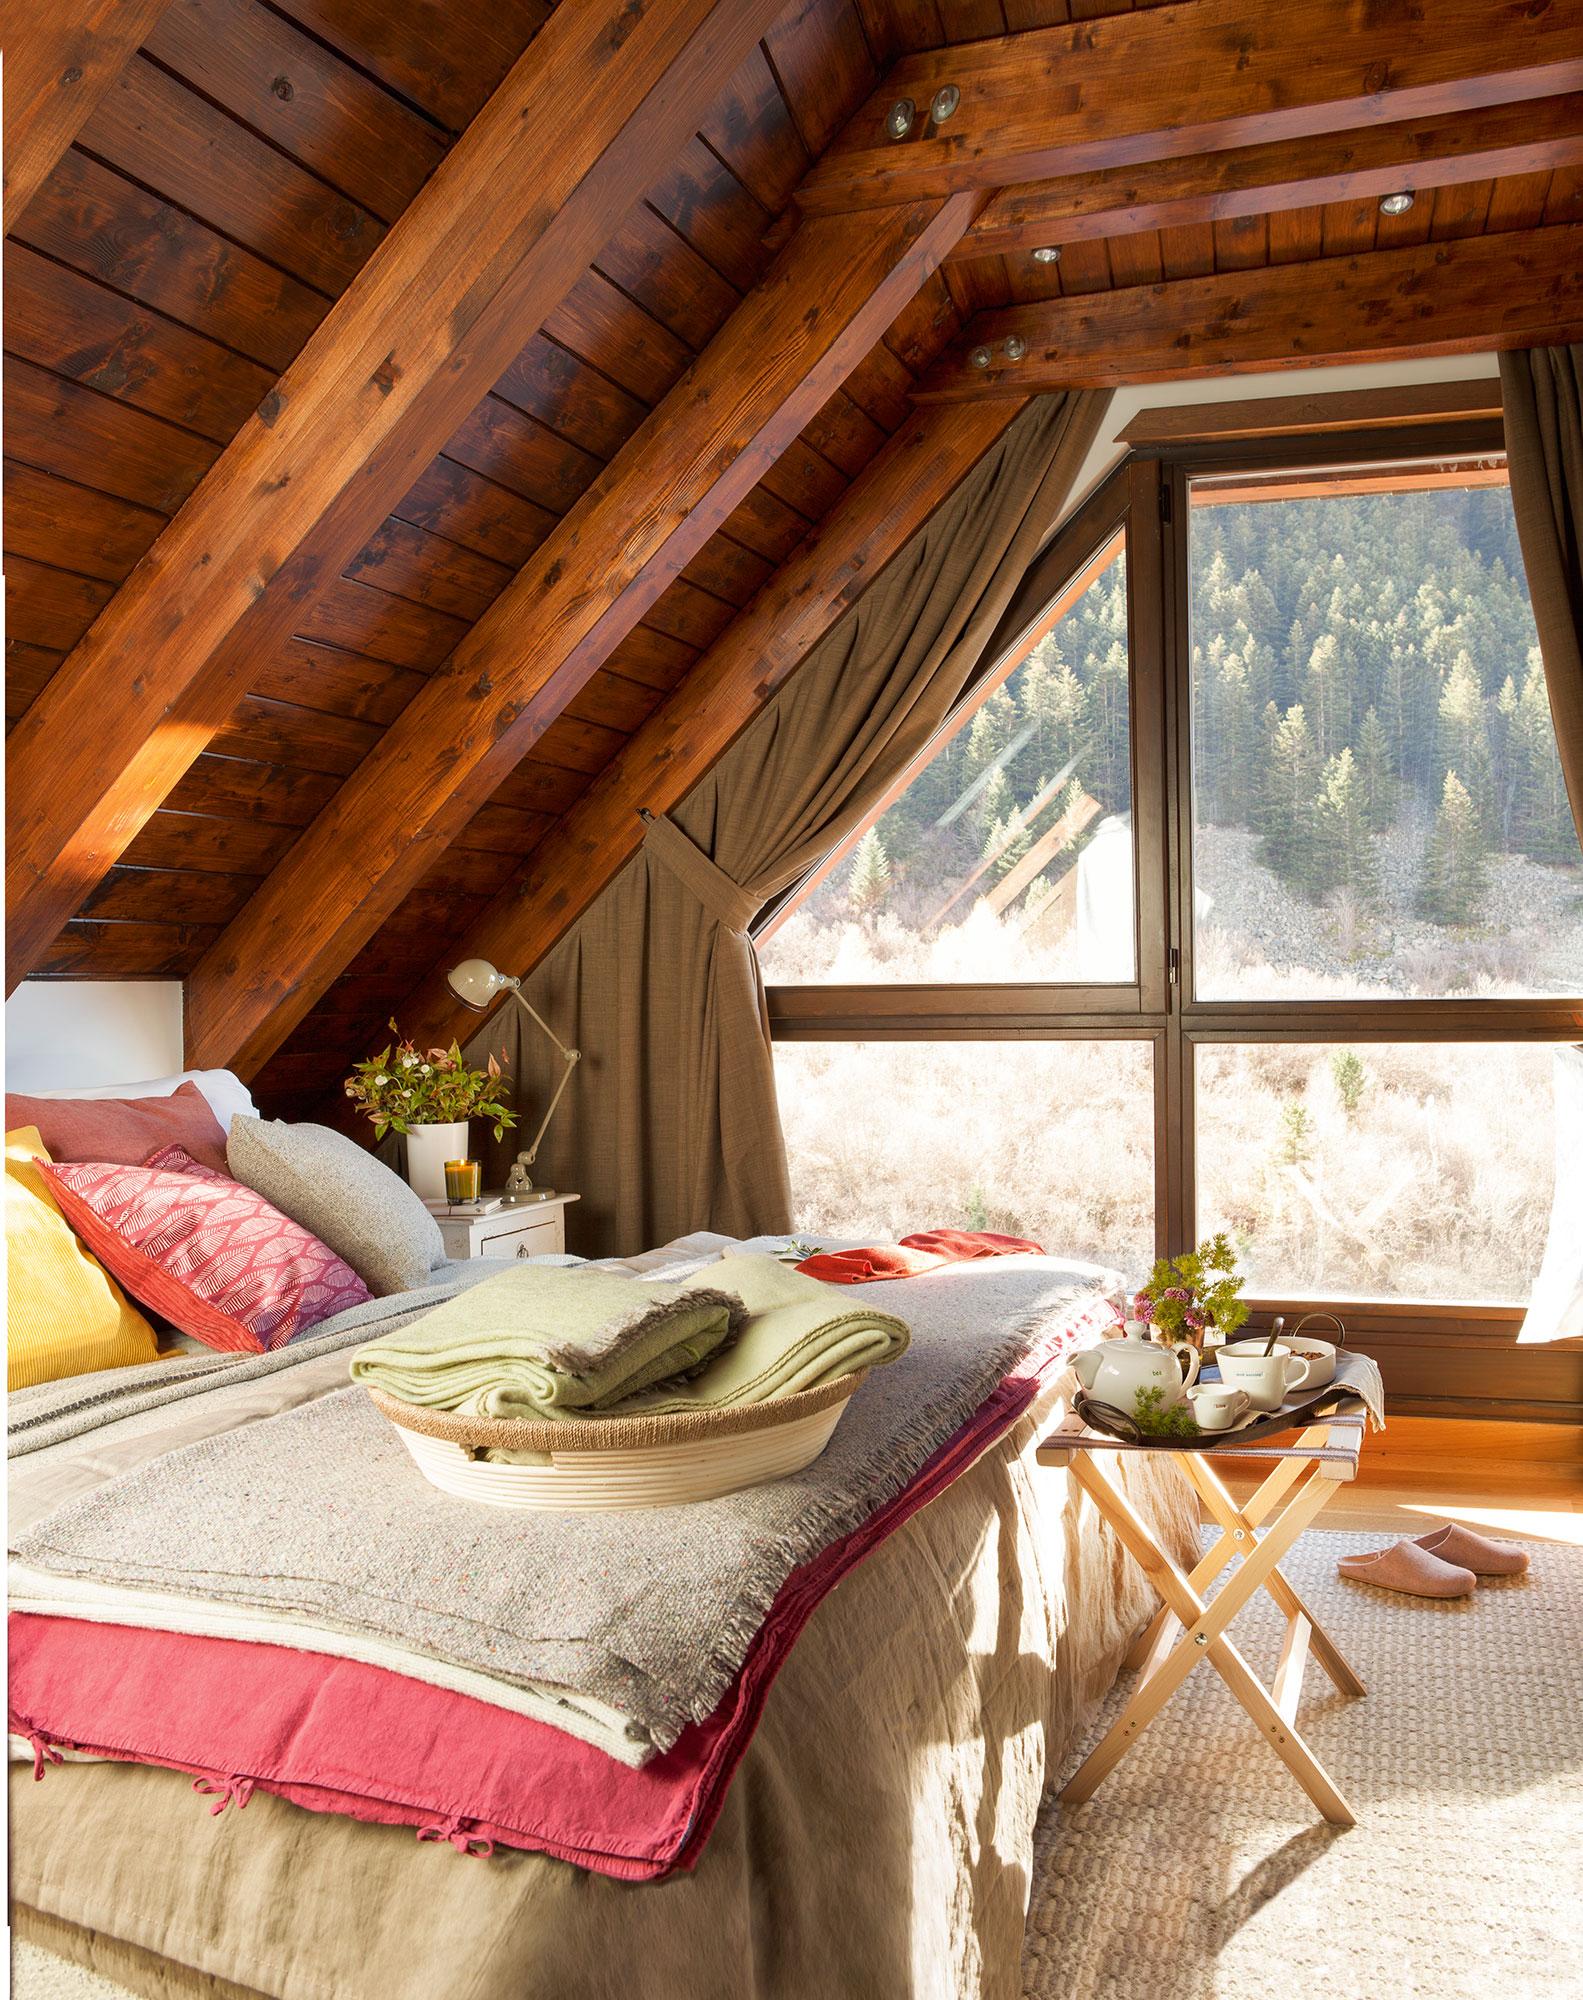 15 dormitorios r sticos decorativos y con buenas ideas - Decoracion habitacion rustica ...